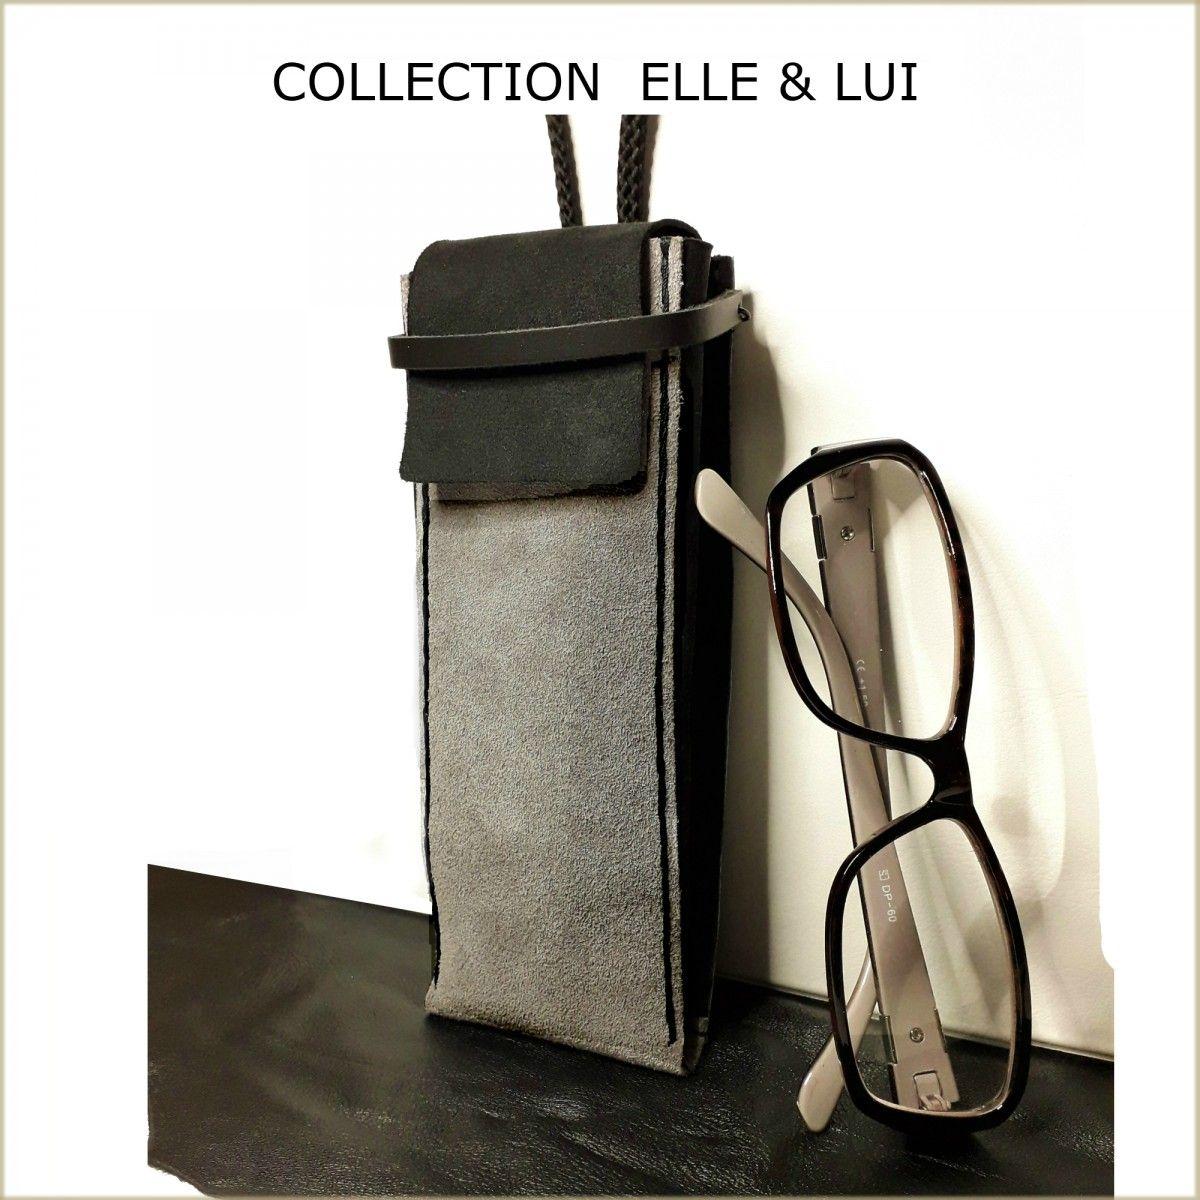 Vente nouvelle arrivée vente usa en ligne Etui à lunettes tour de cou - Etui à lunettes en cuir gris ...